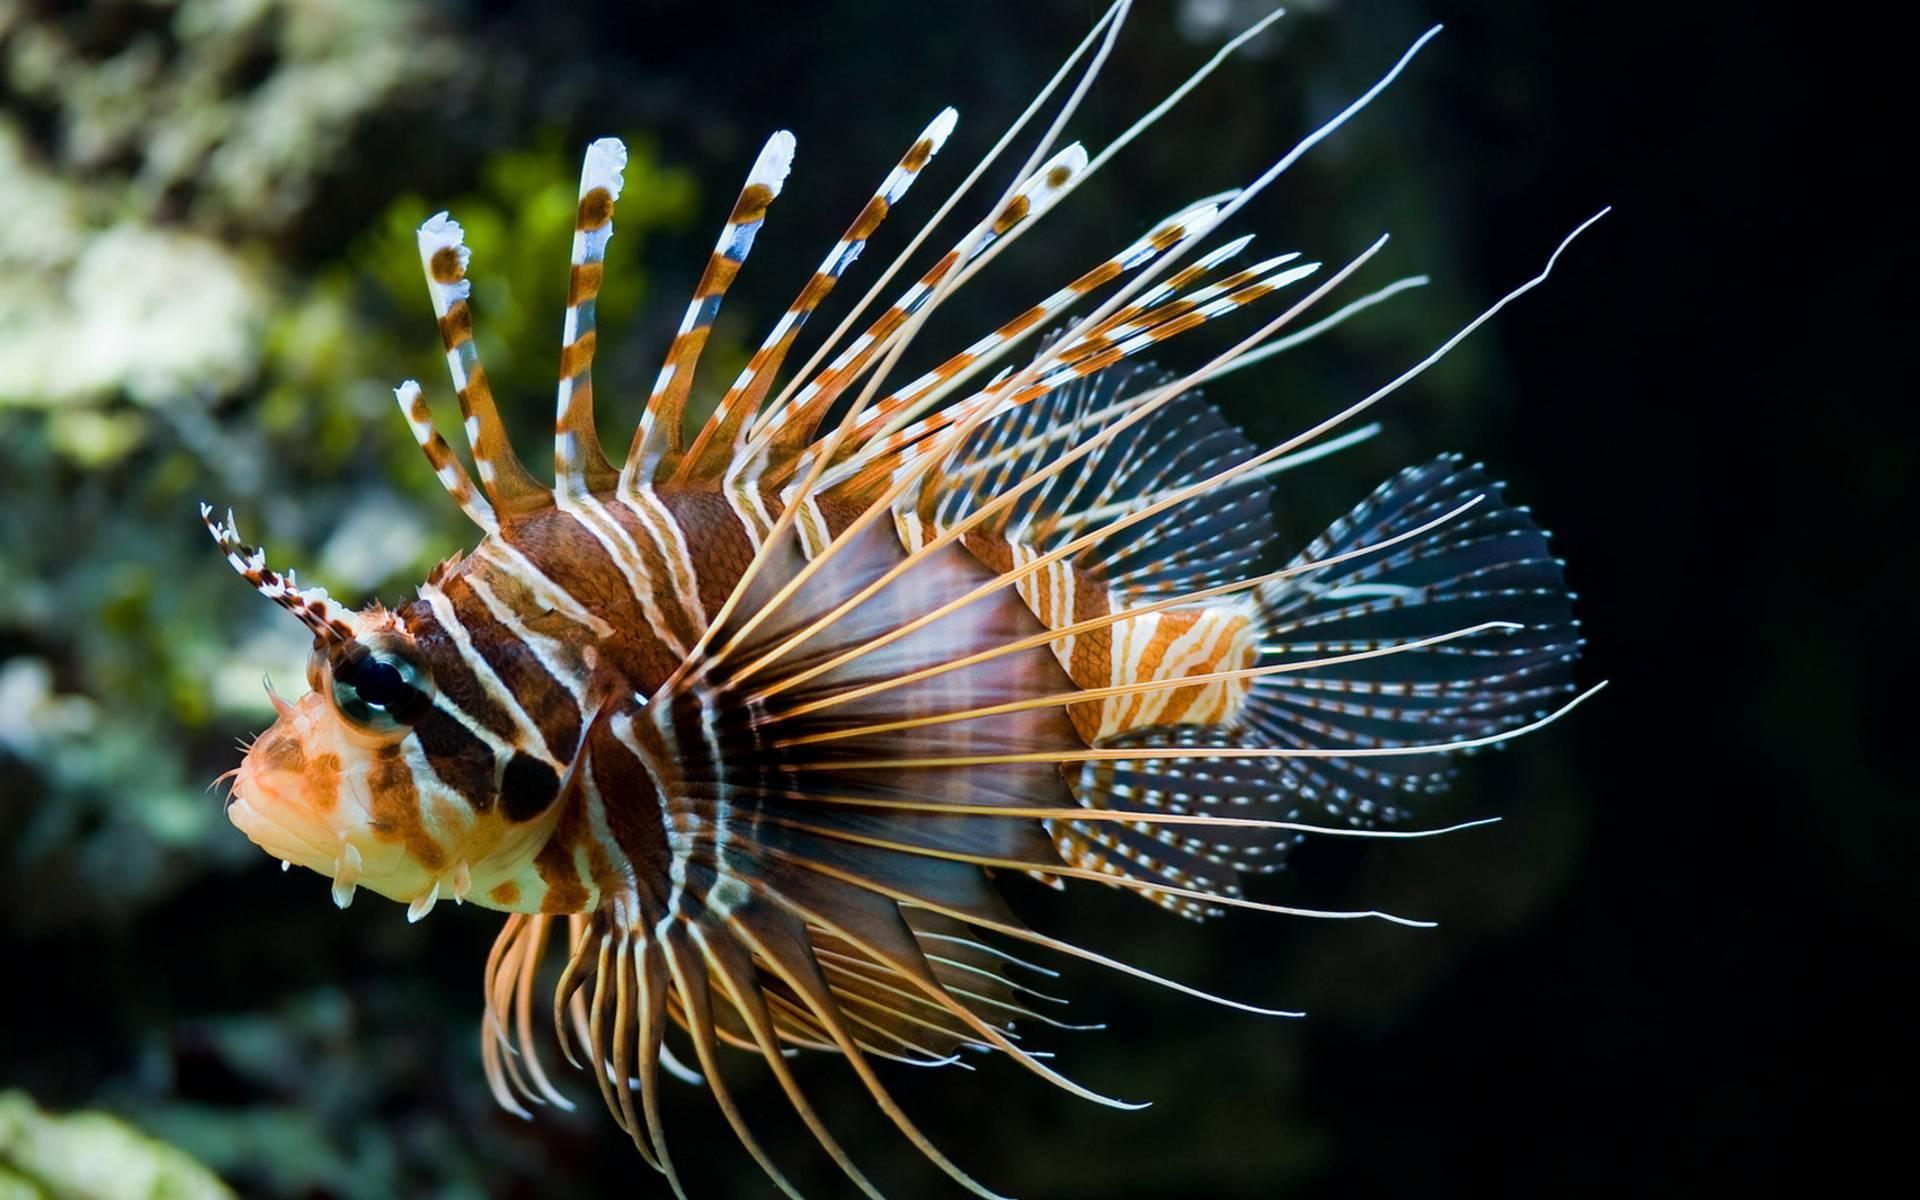 обои рыба, цветная, плавники, хвост картинки фото